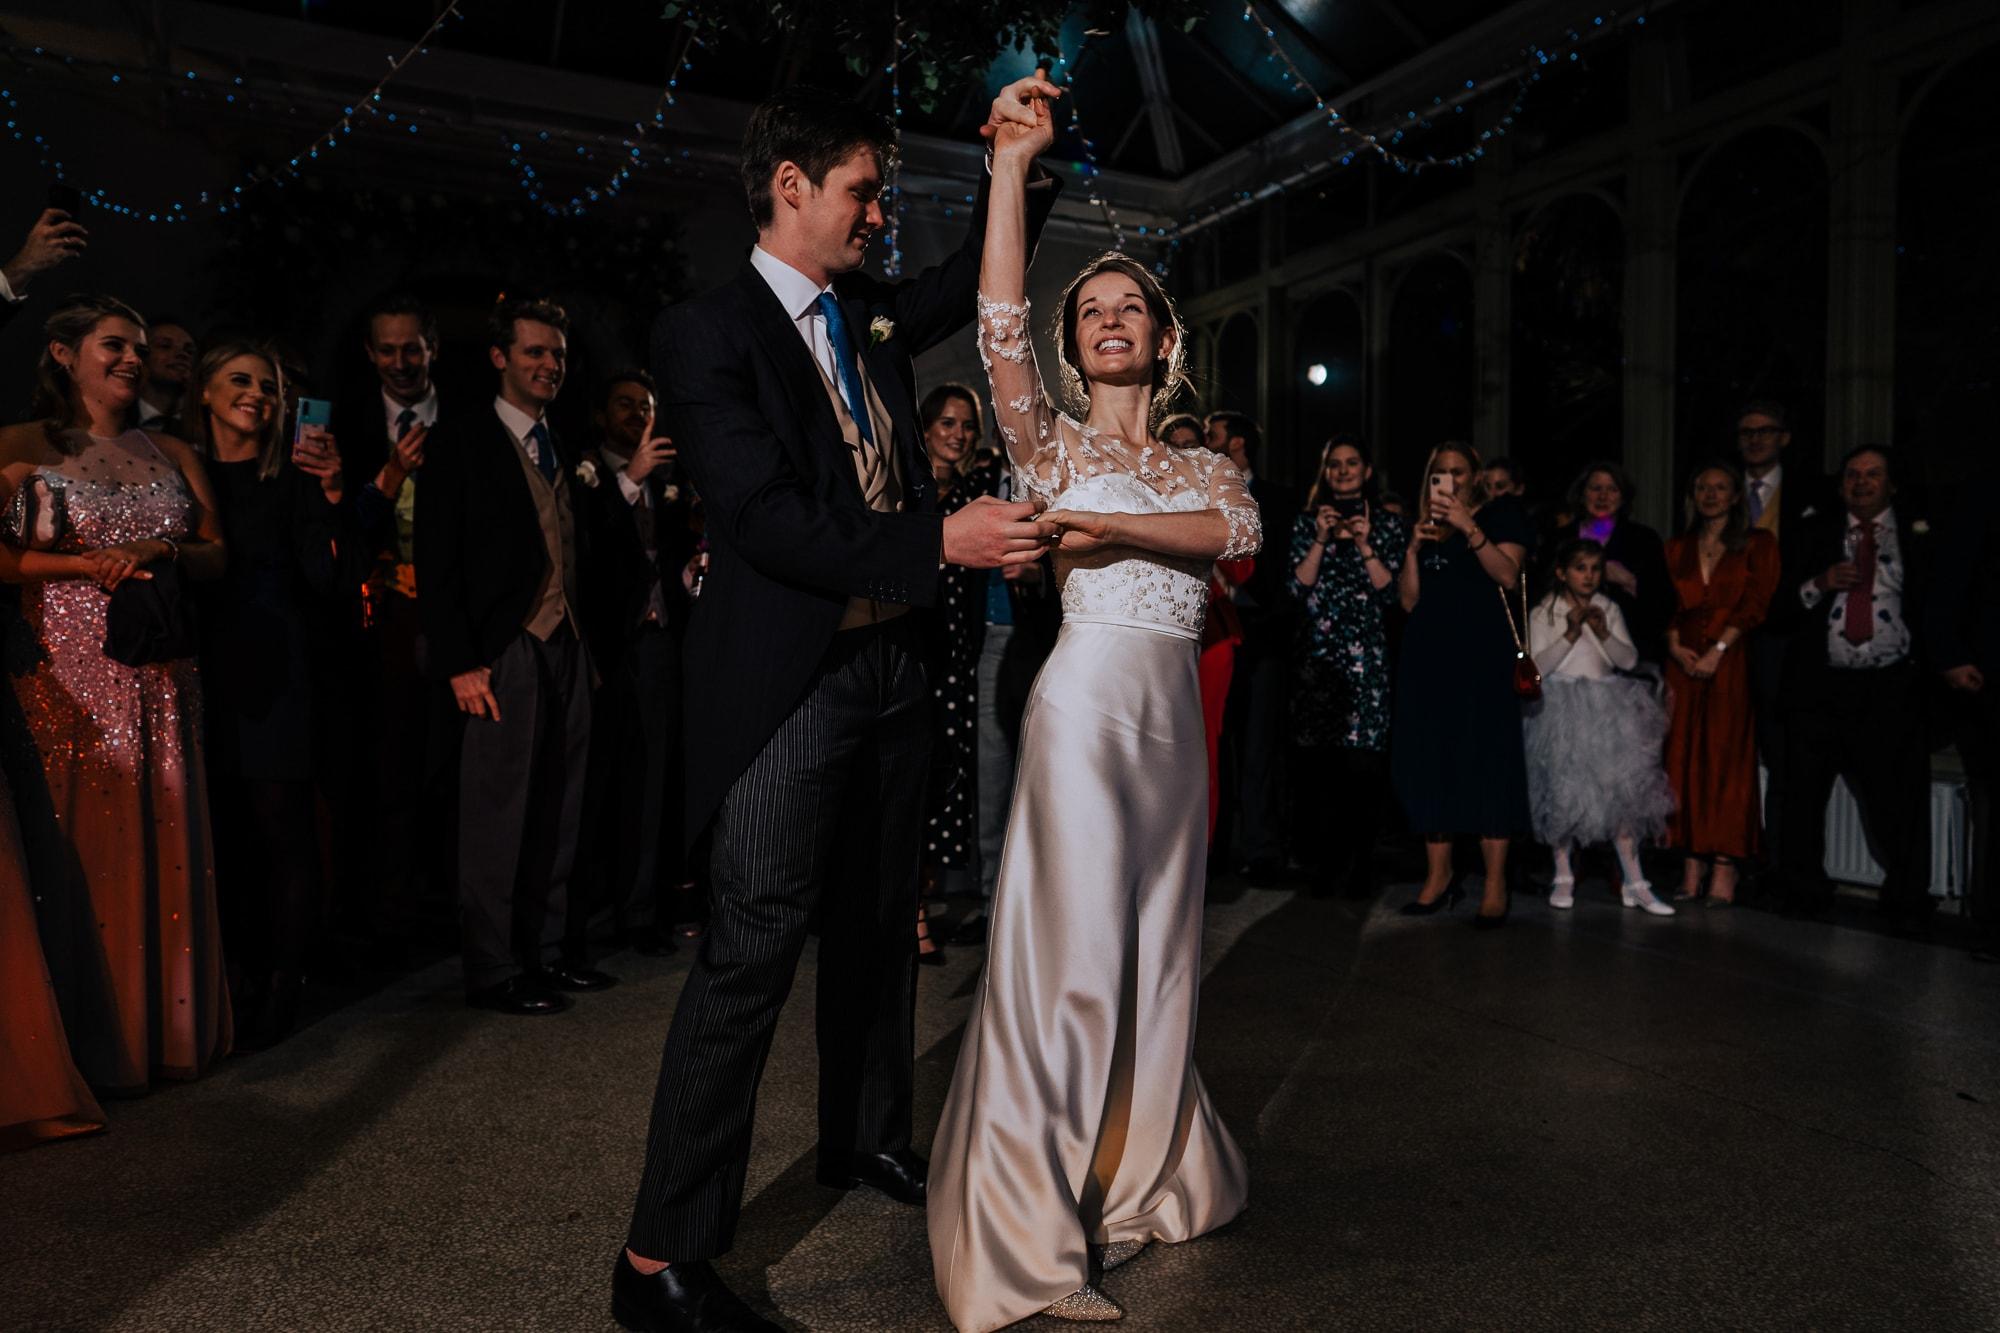 Fashion - Wedding Dress